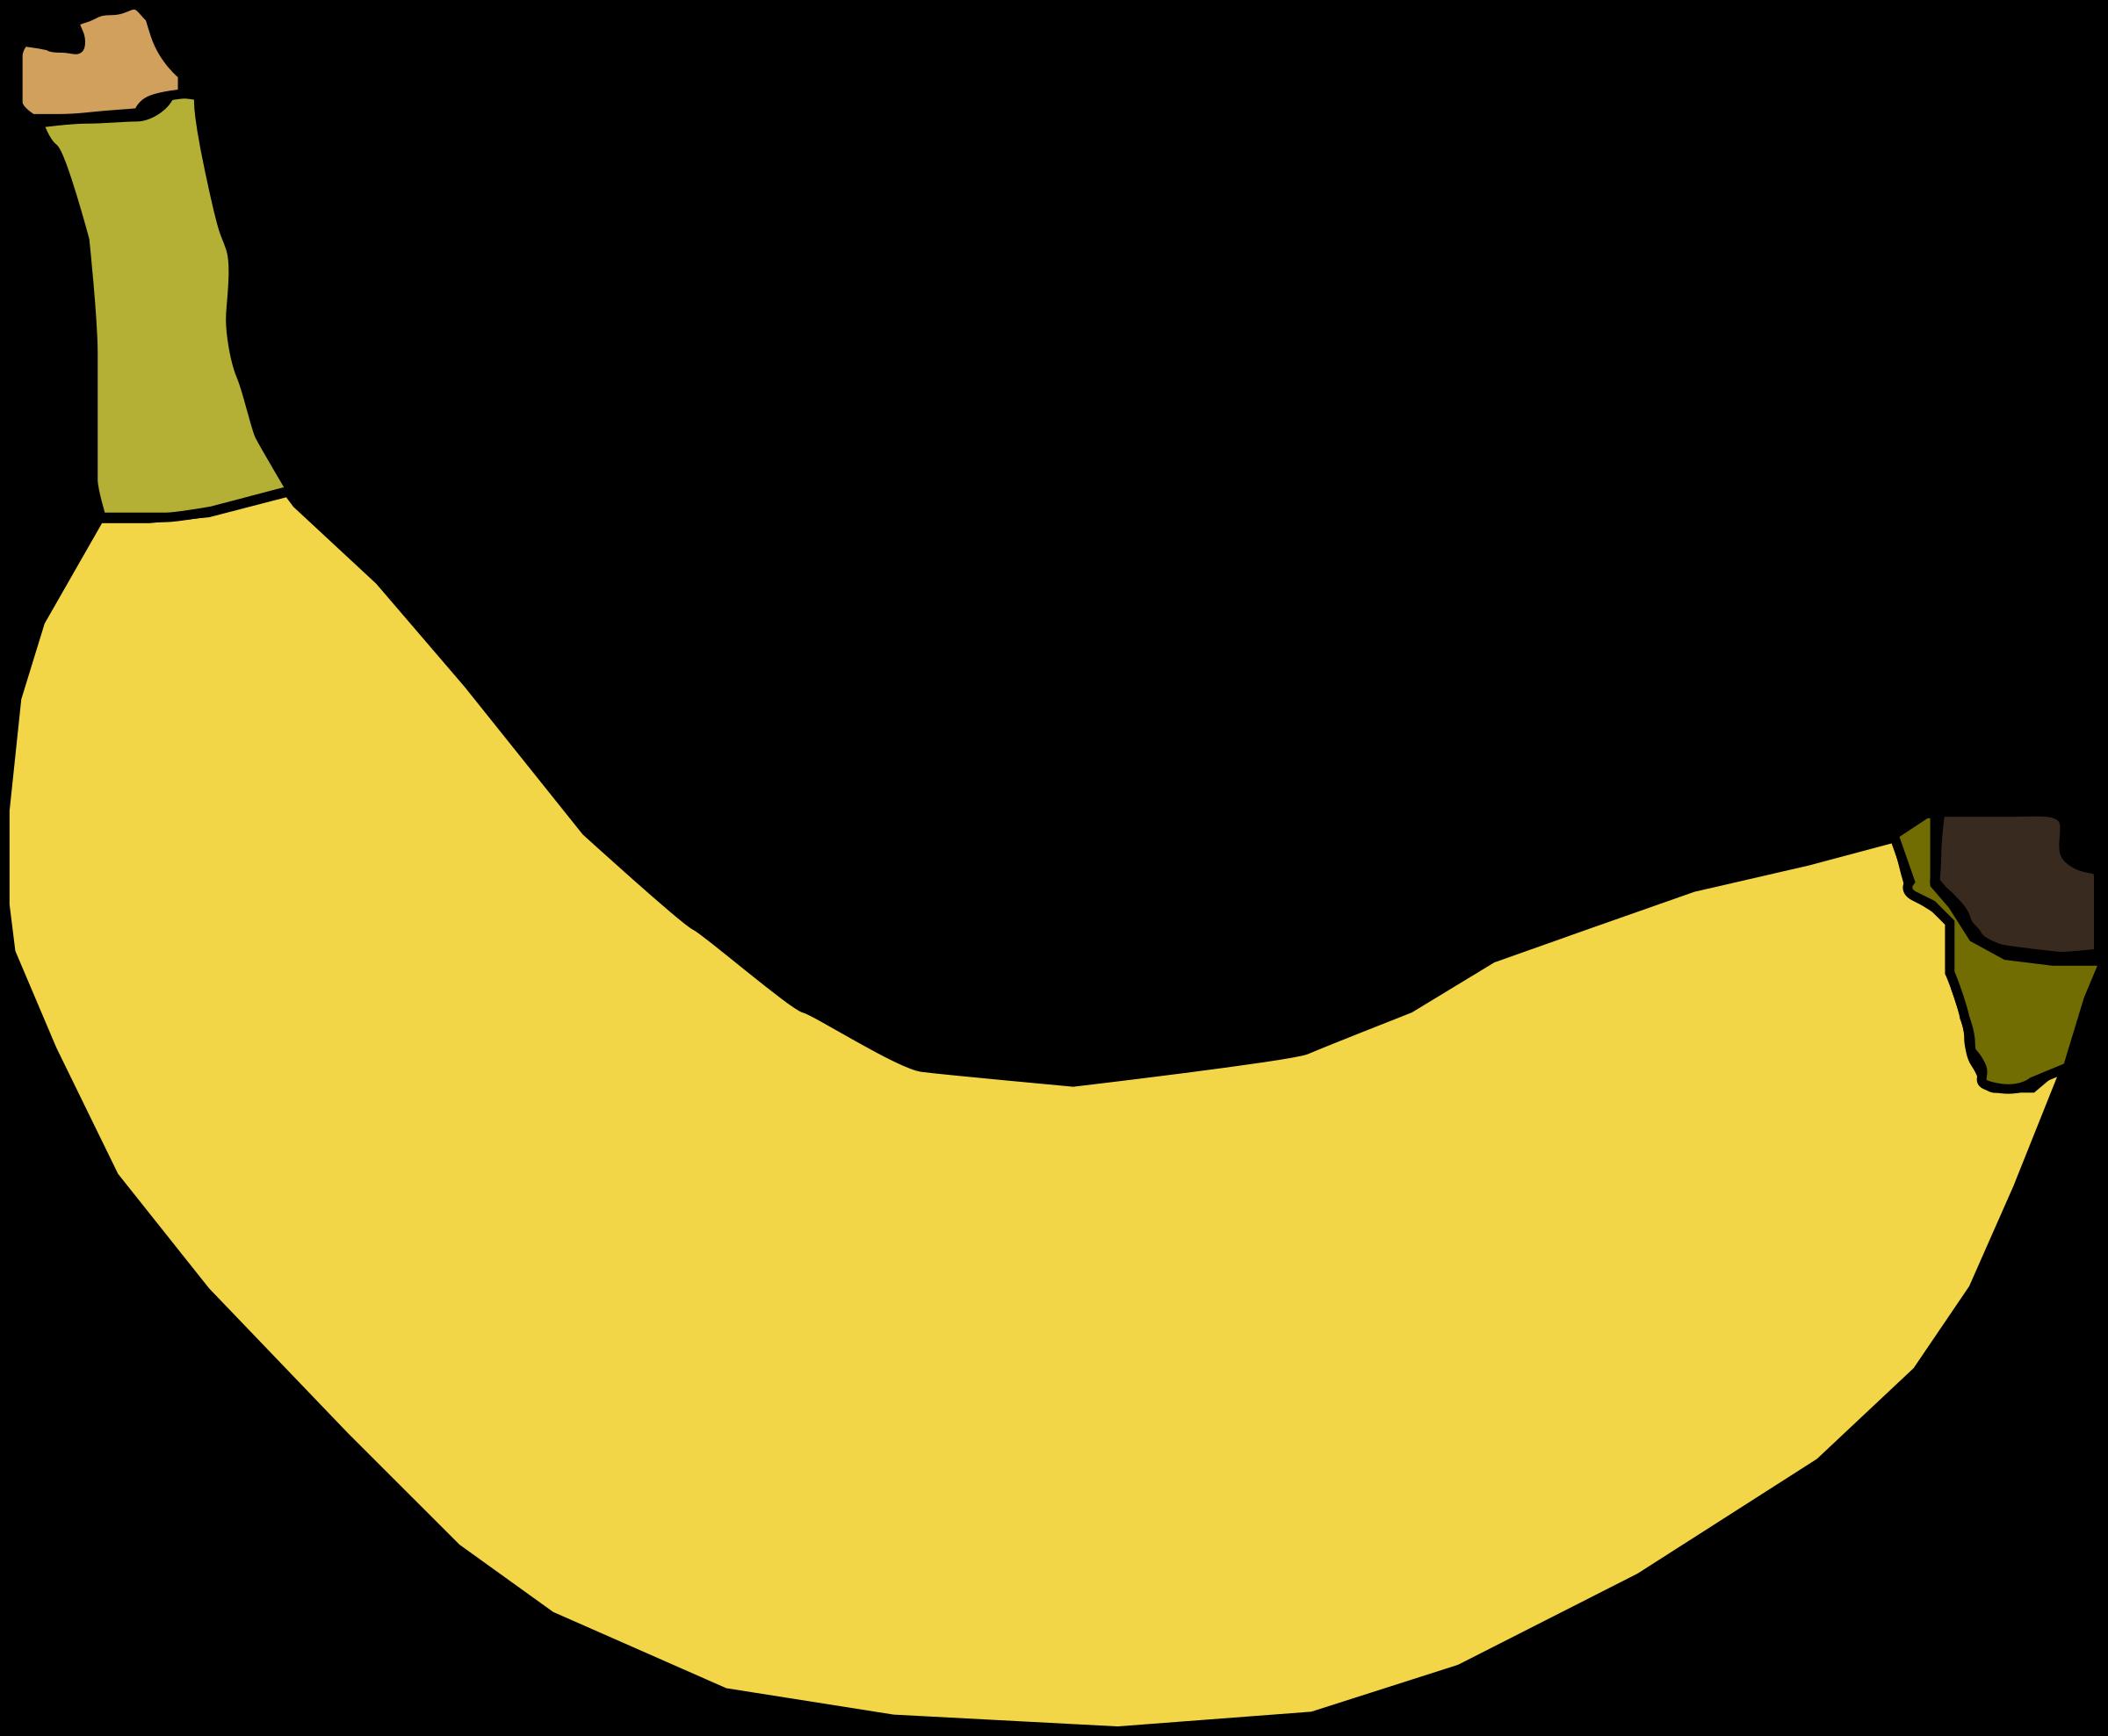 Banana 2 banana